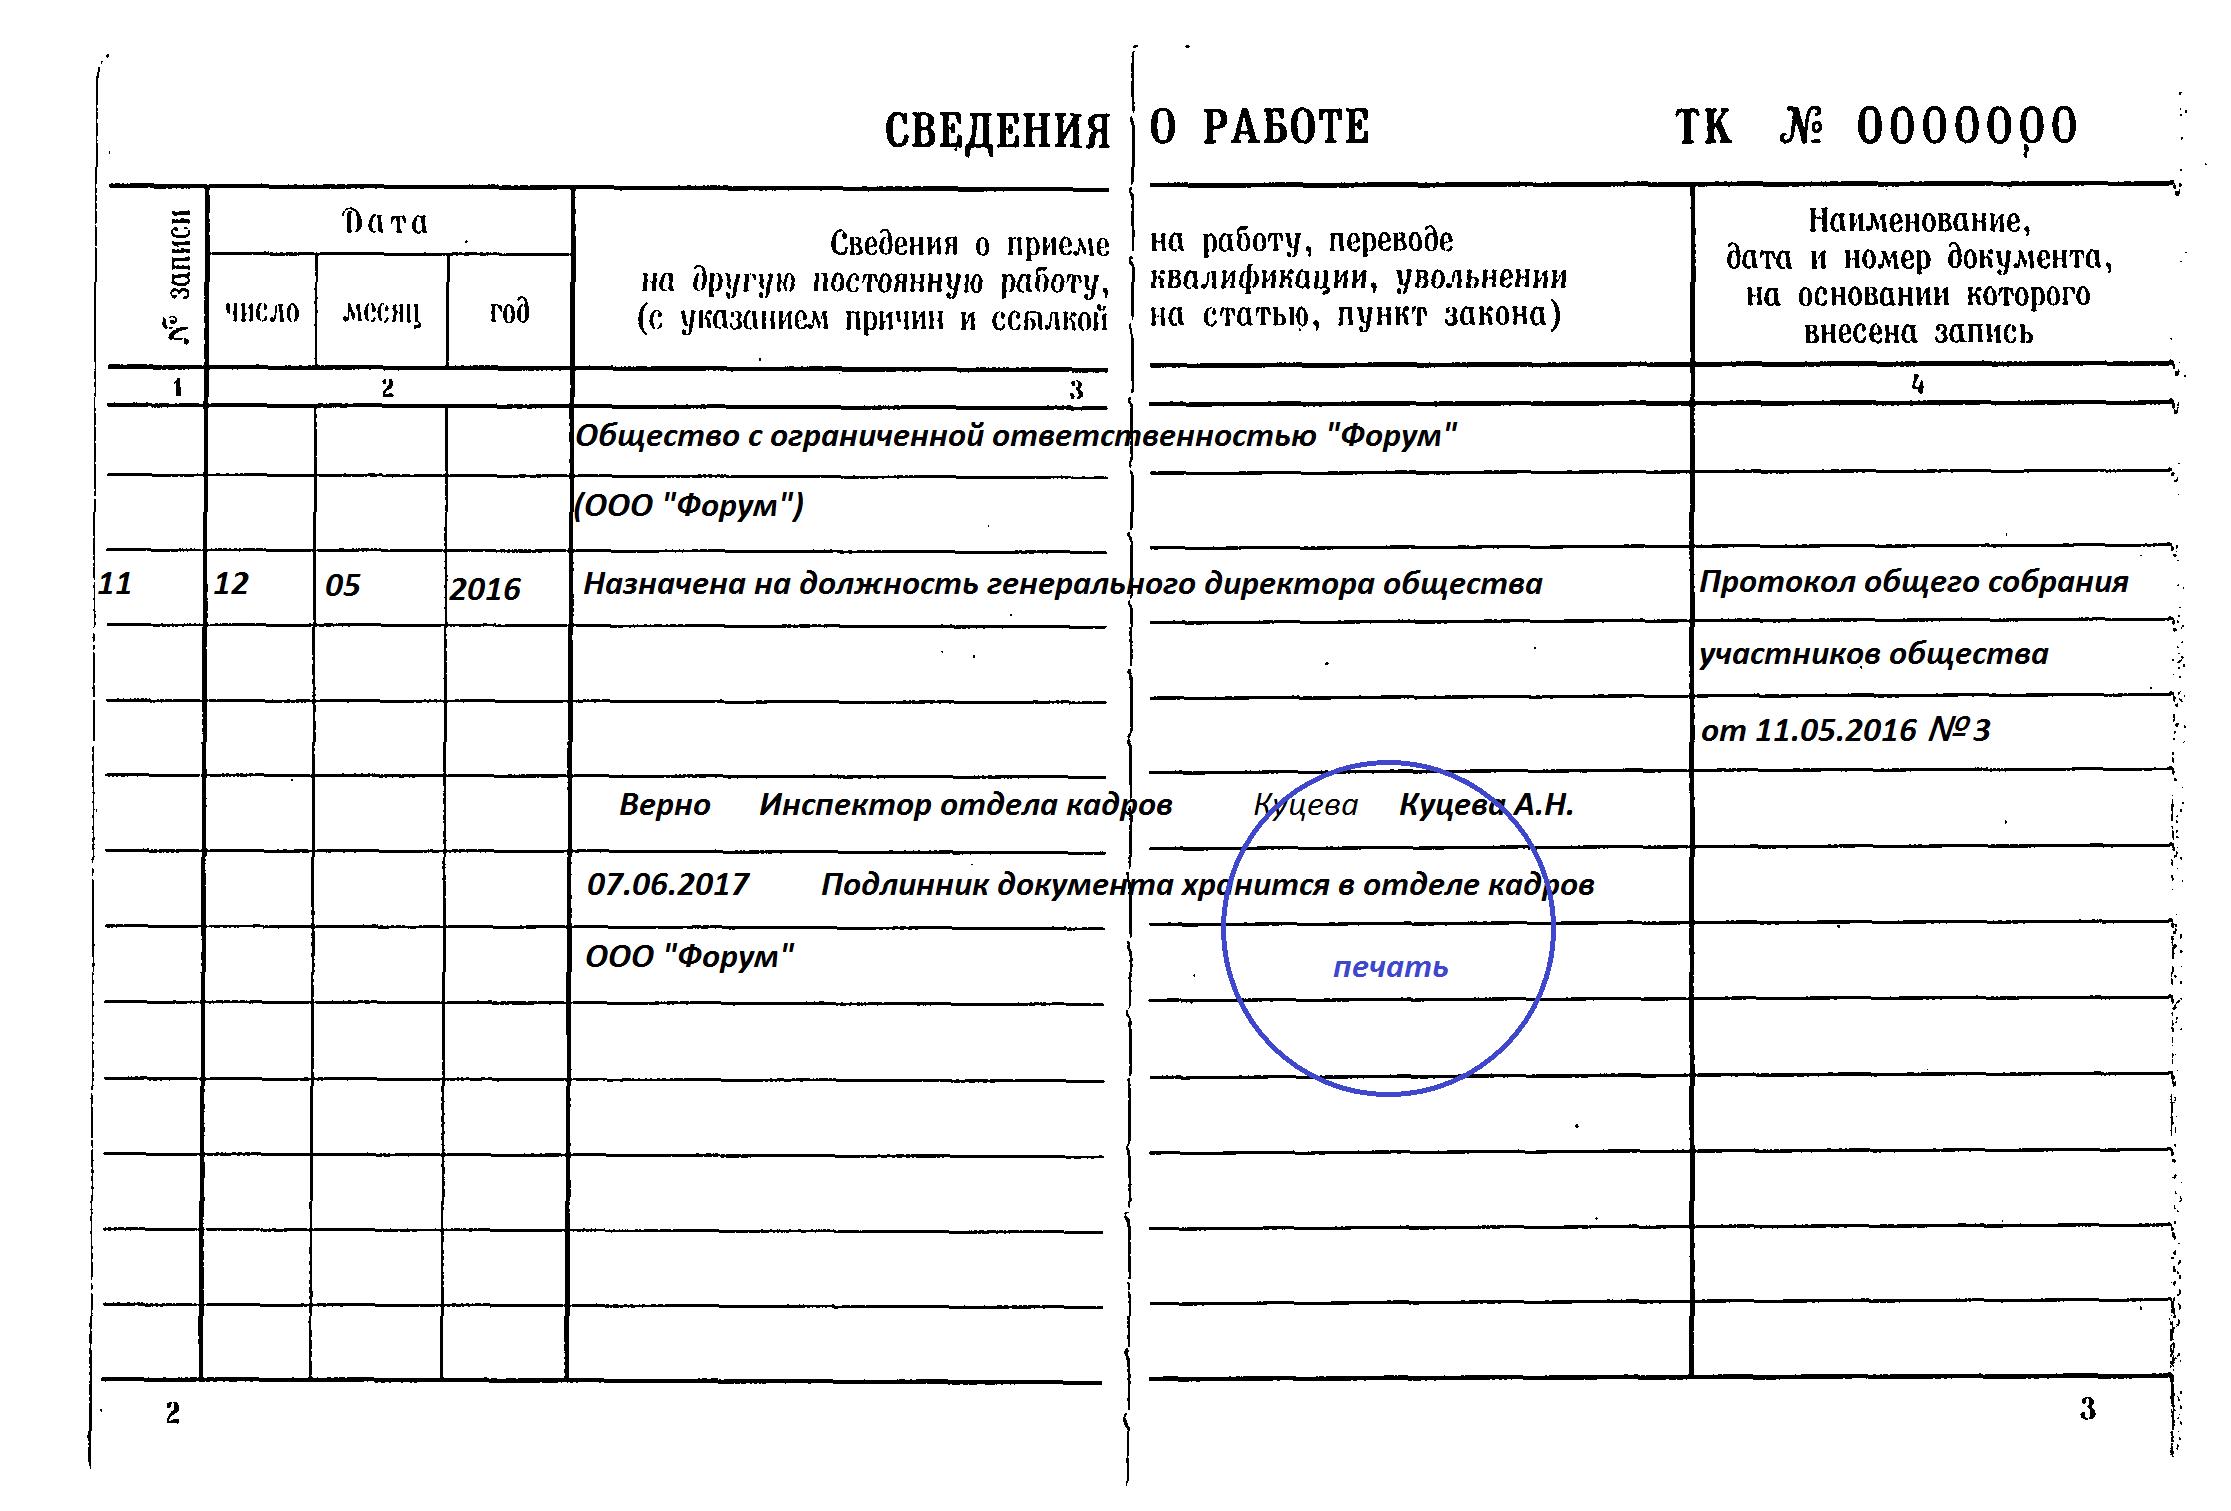 Кто поможет купить запись в трудовую книжку украины купить пакет документов для ипотеки с подтверждением